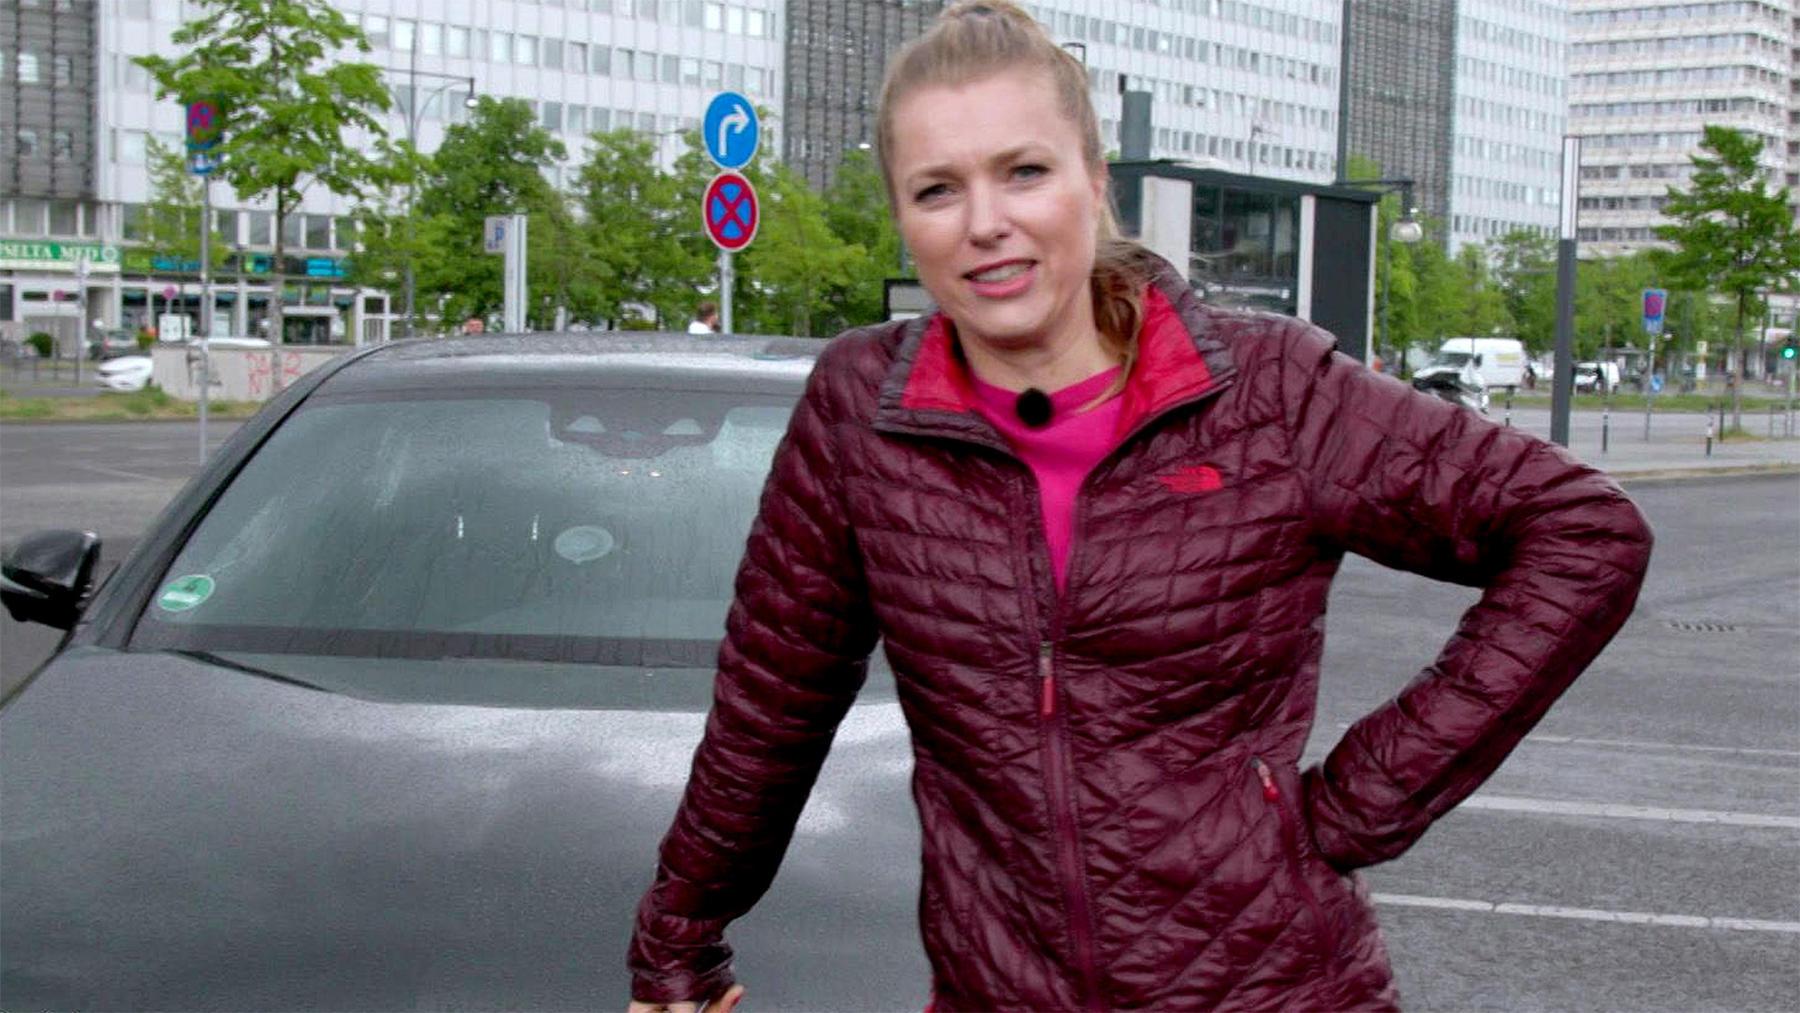 Thema u.a.: Auto mieten für 1 Euro mit Anni